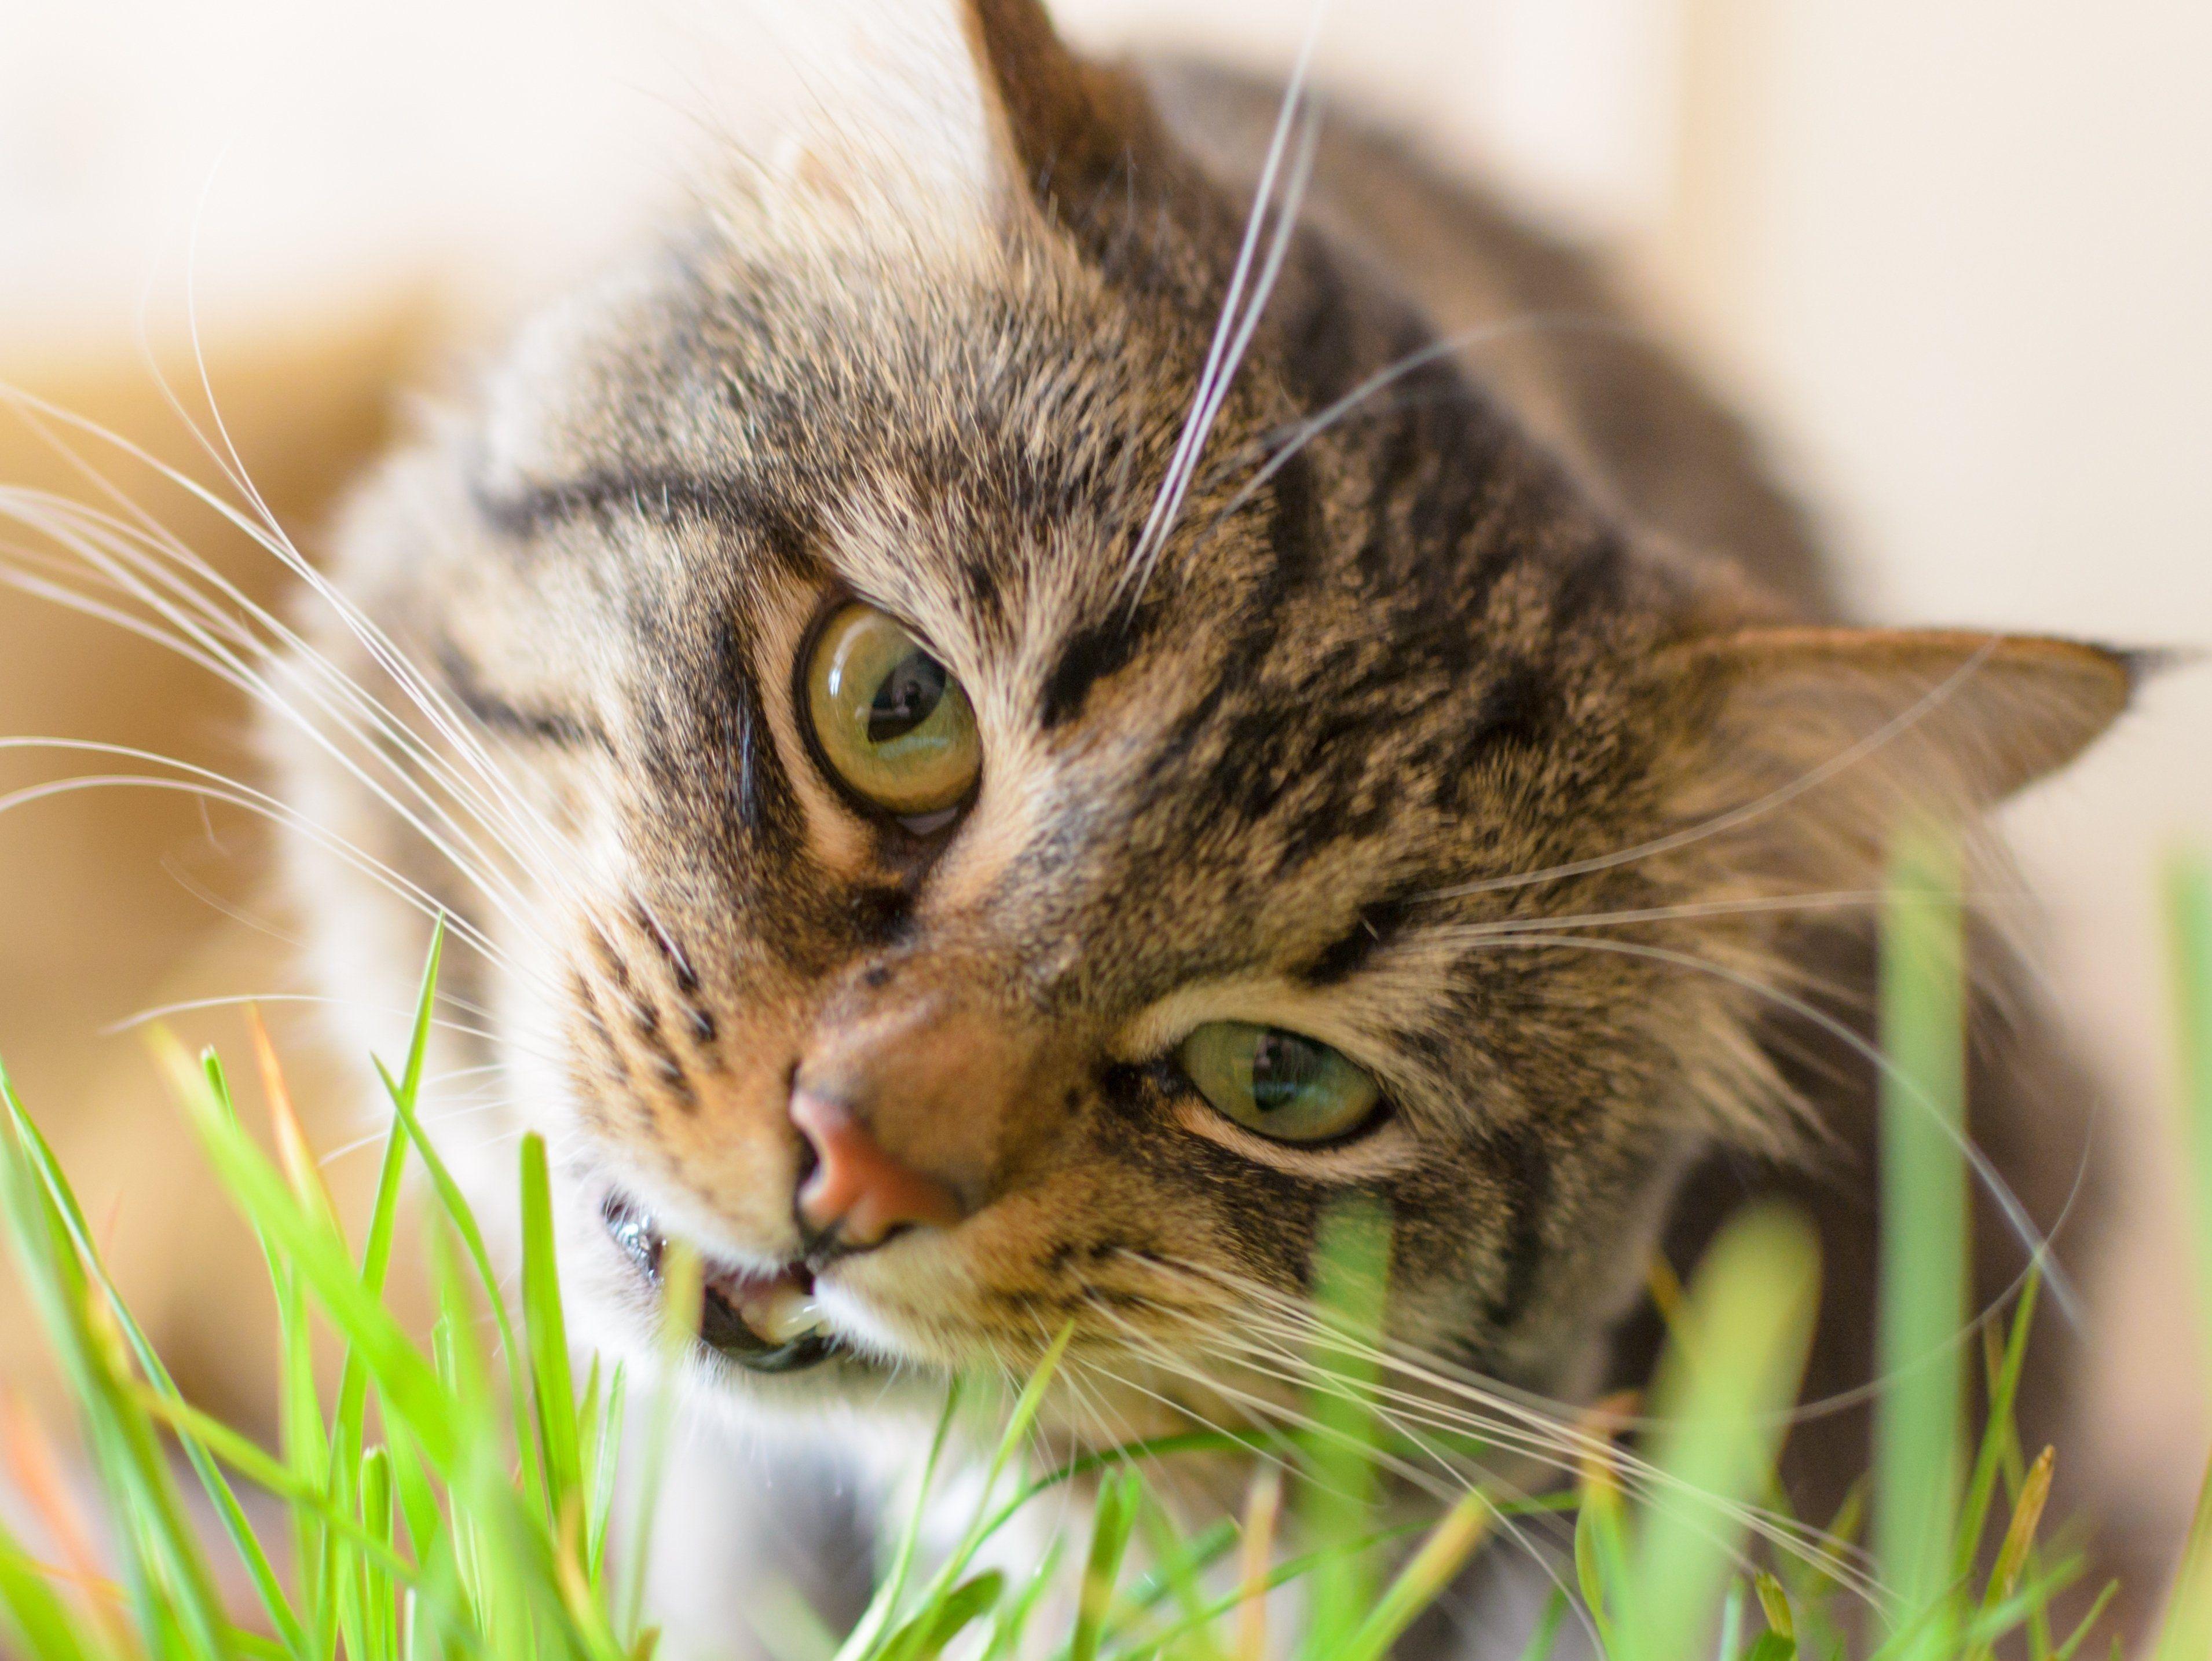 Why Do Cats Eat Grass? Cat grass, Cats, Cat eating grass